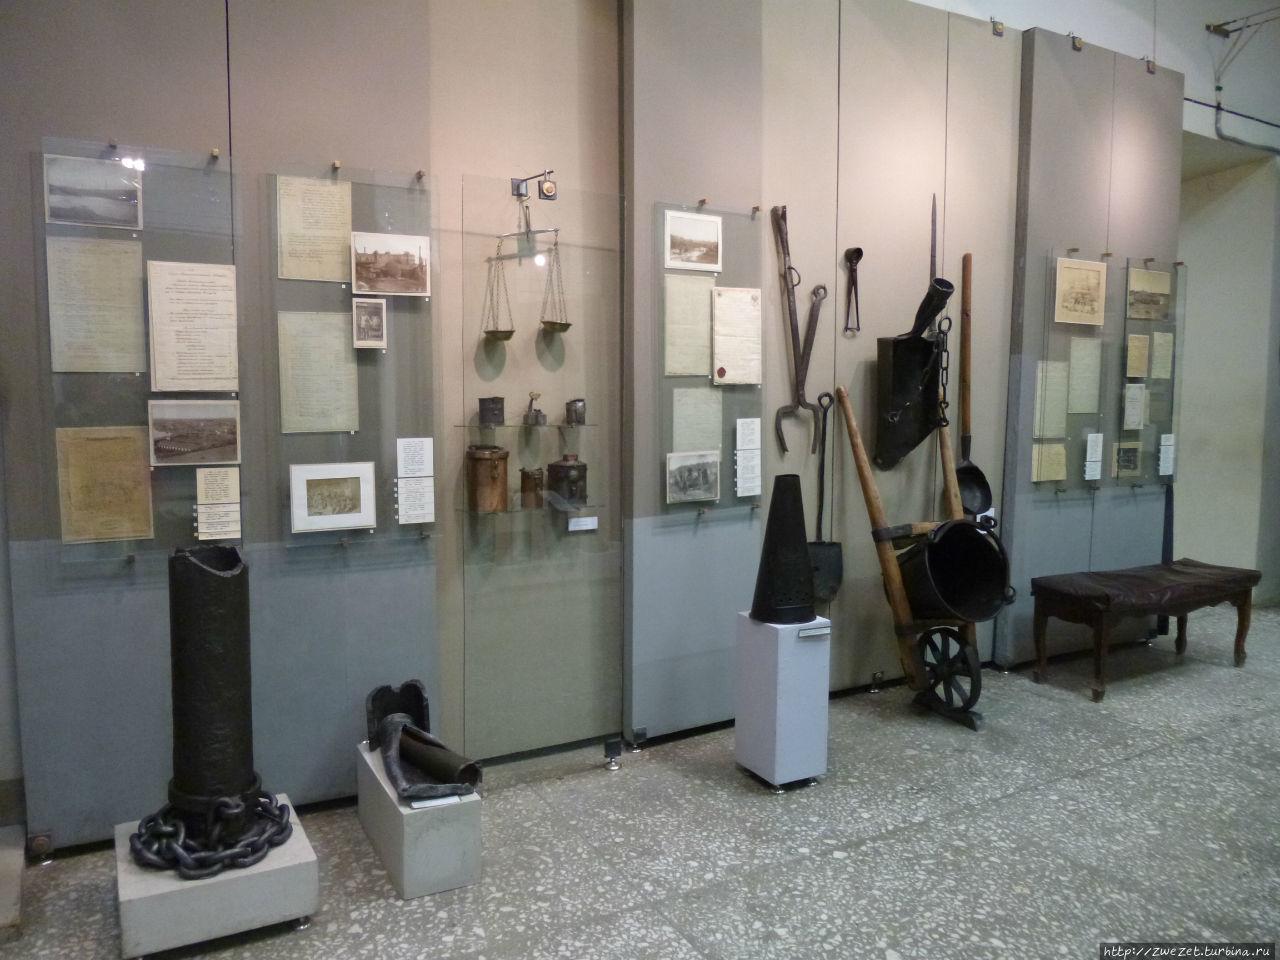 это максимально фото краев музея нижнего тагила обводить